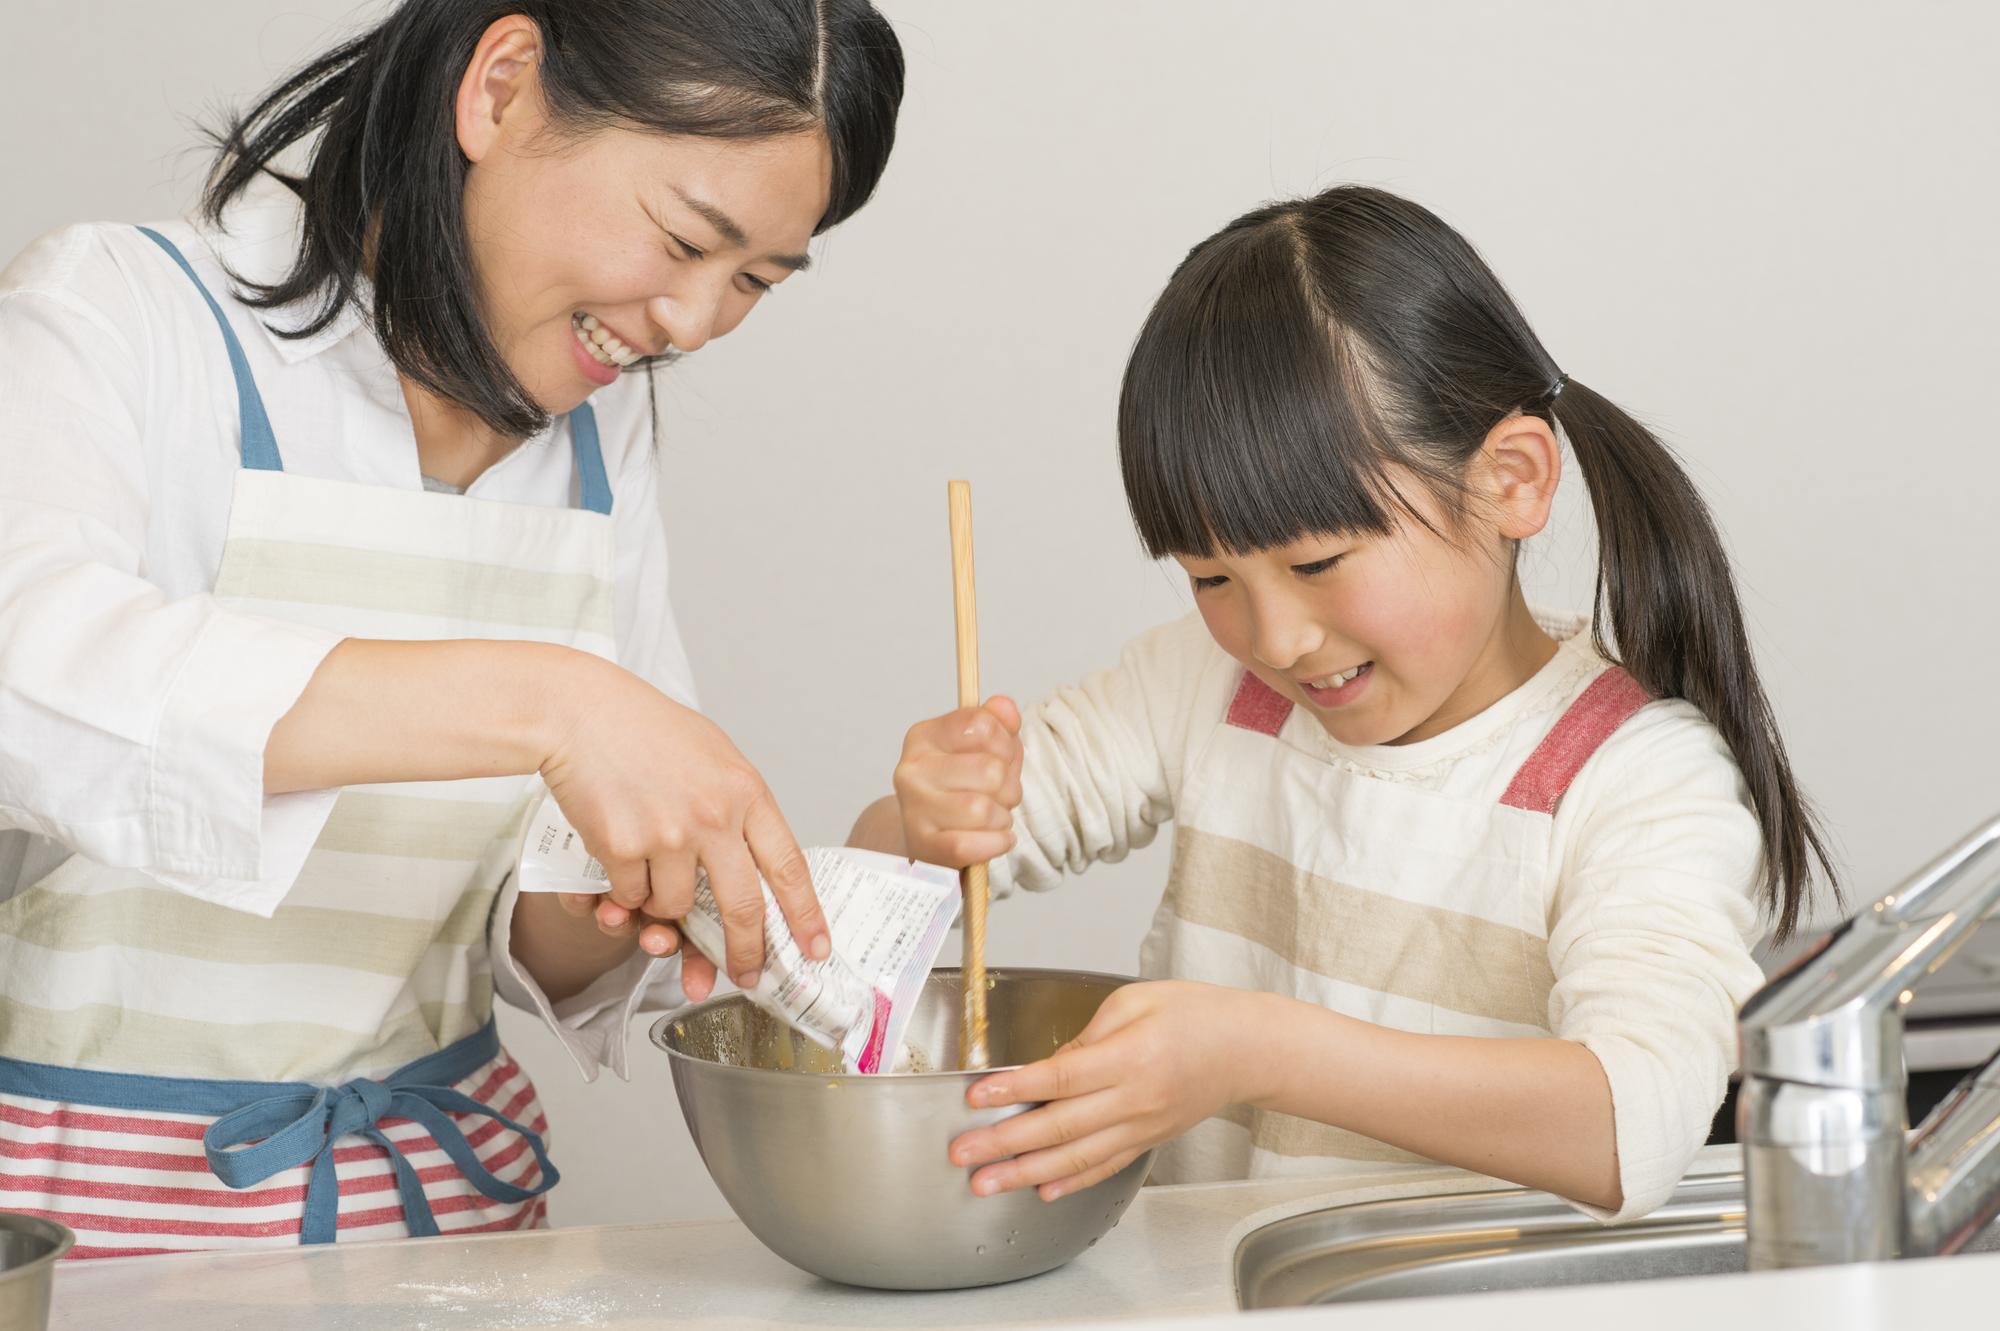 親子で料理をする写真